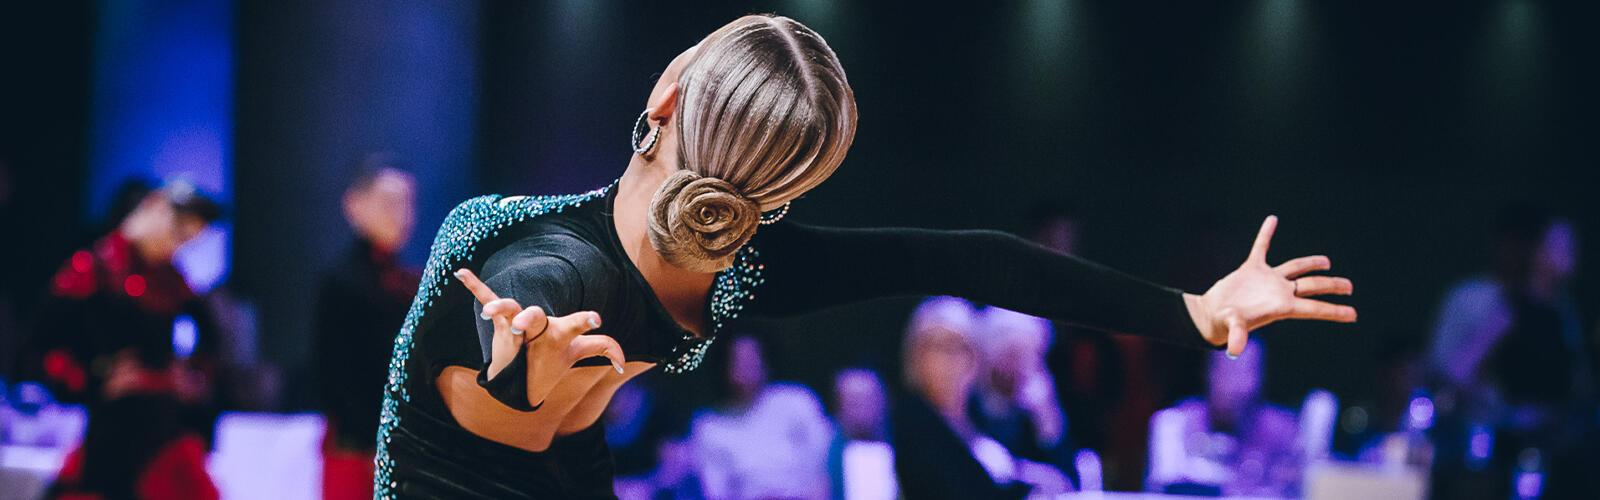 Daniel Maslák & Michaela Netolická COOL DANCE